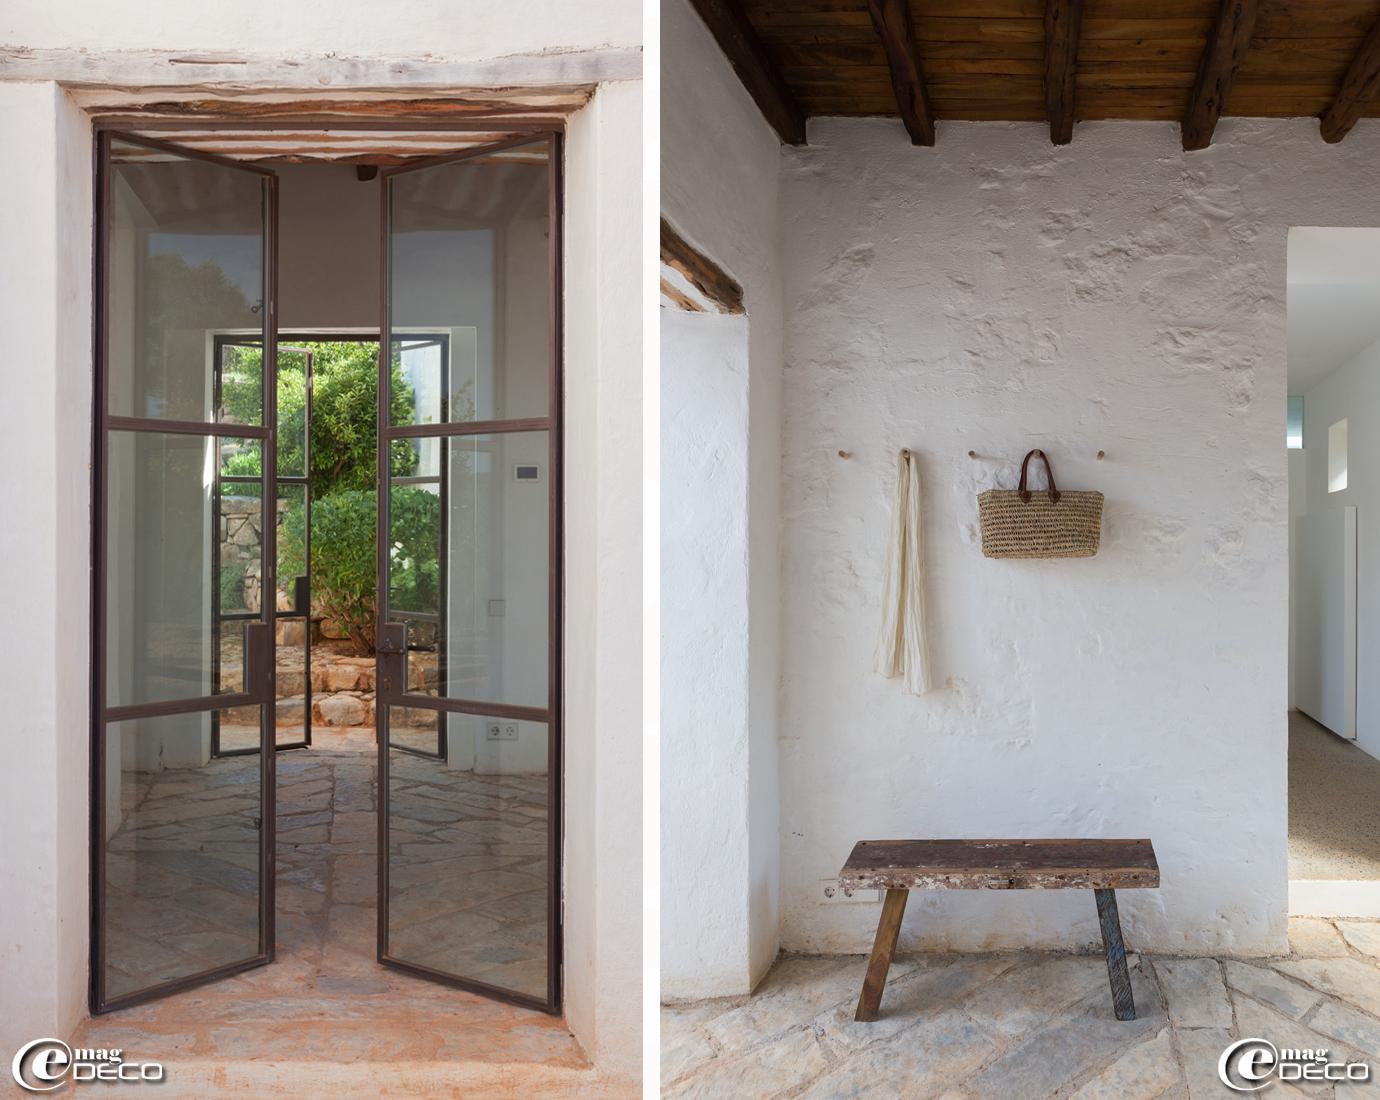 La rénovation de la finca a modifié quelque peu la distribution ainsi cette nouvelle entrée de la maison privilégiant la transparence a permis de relier